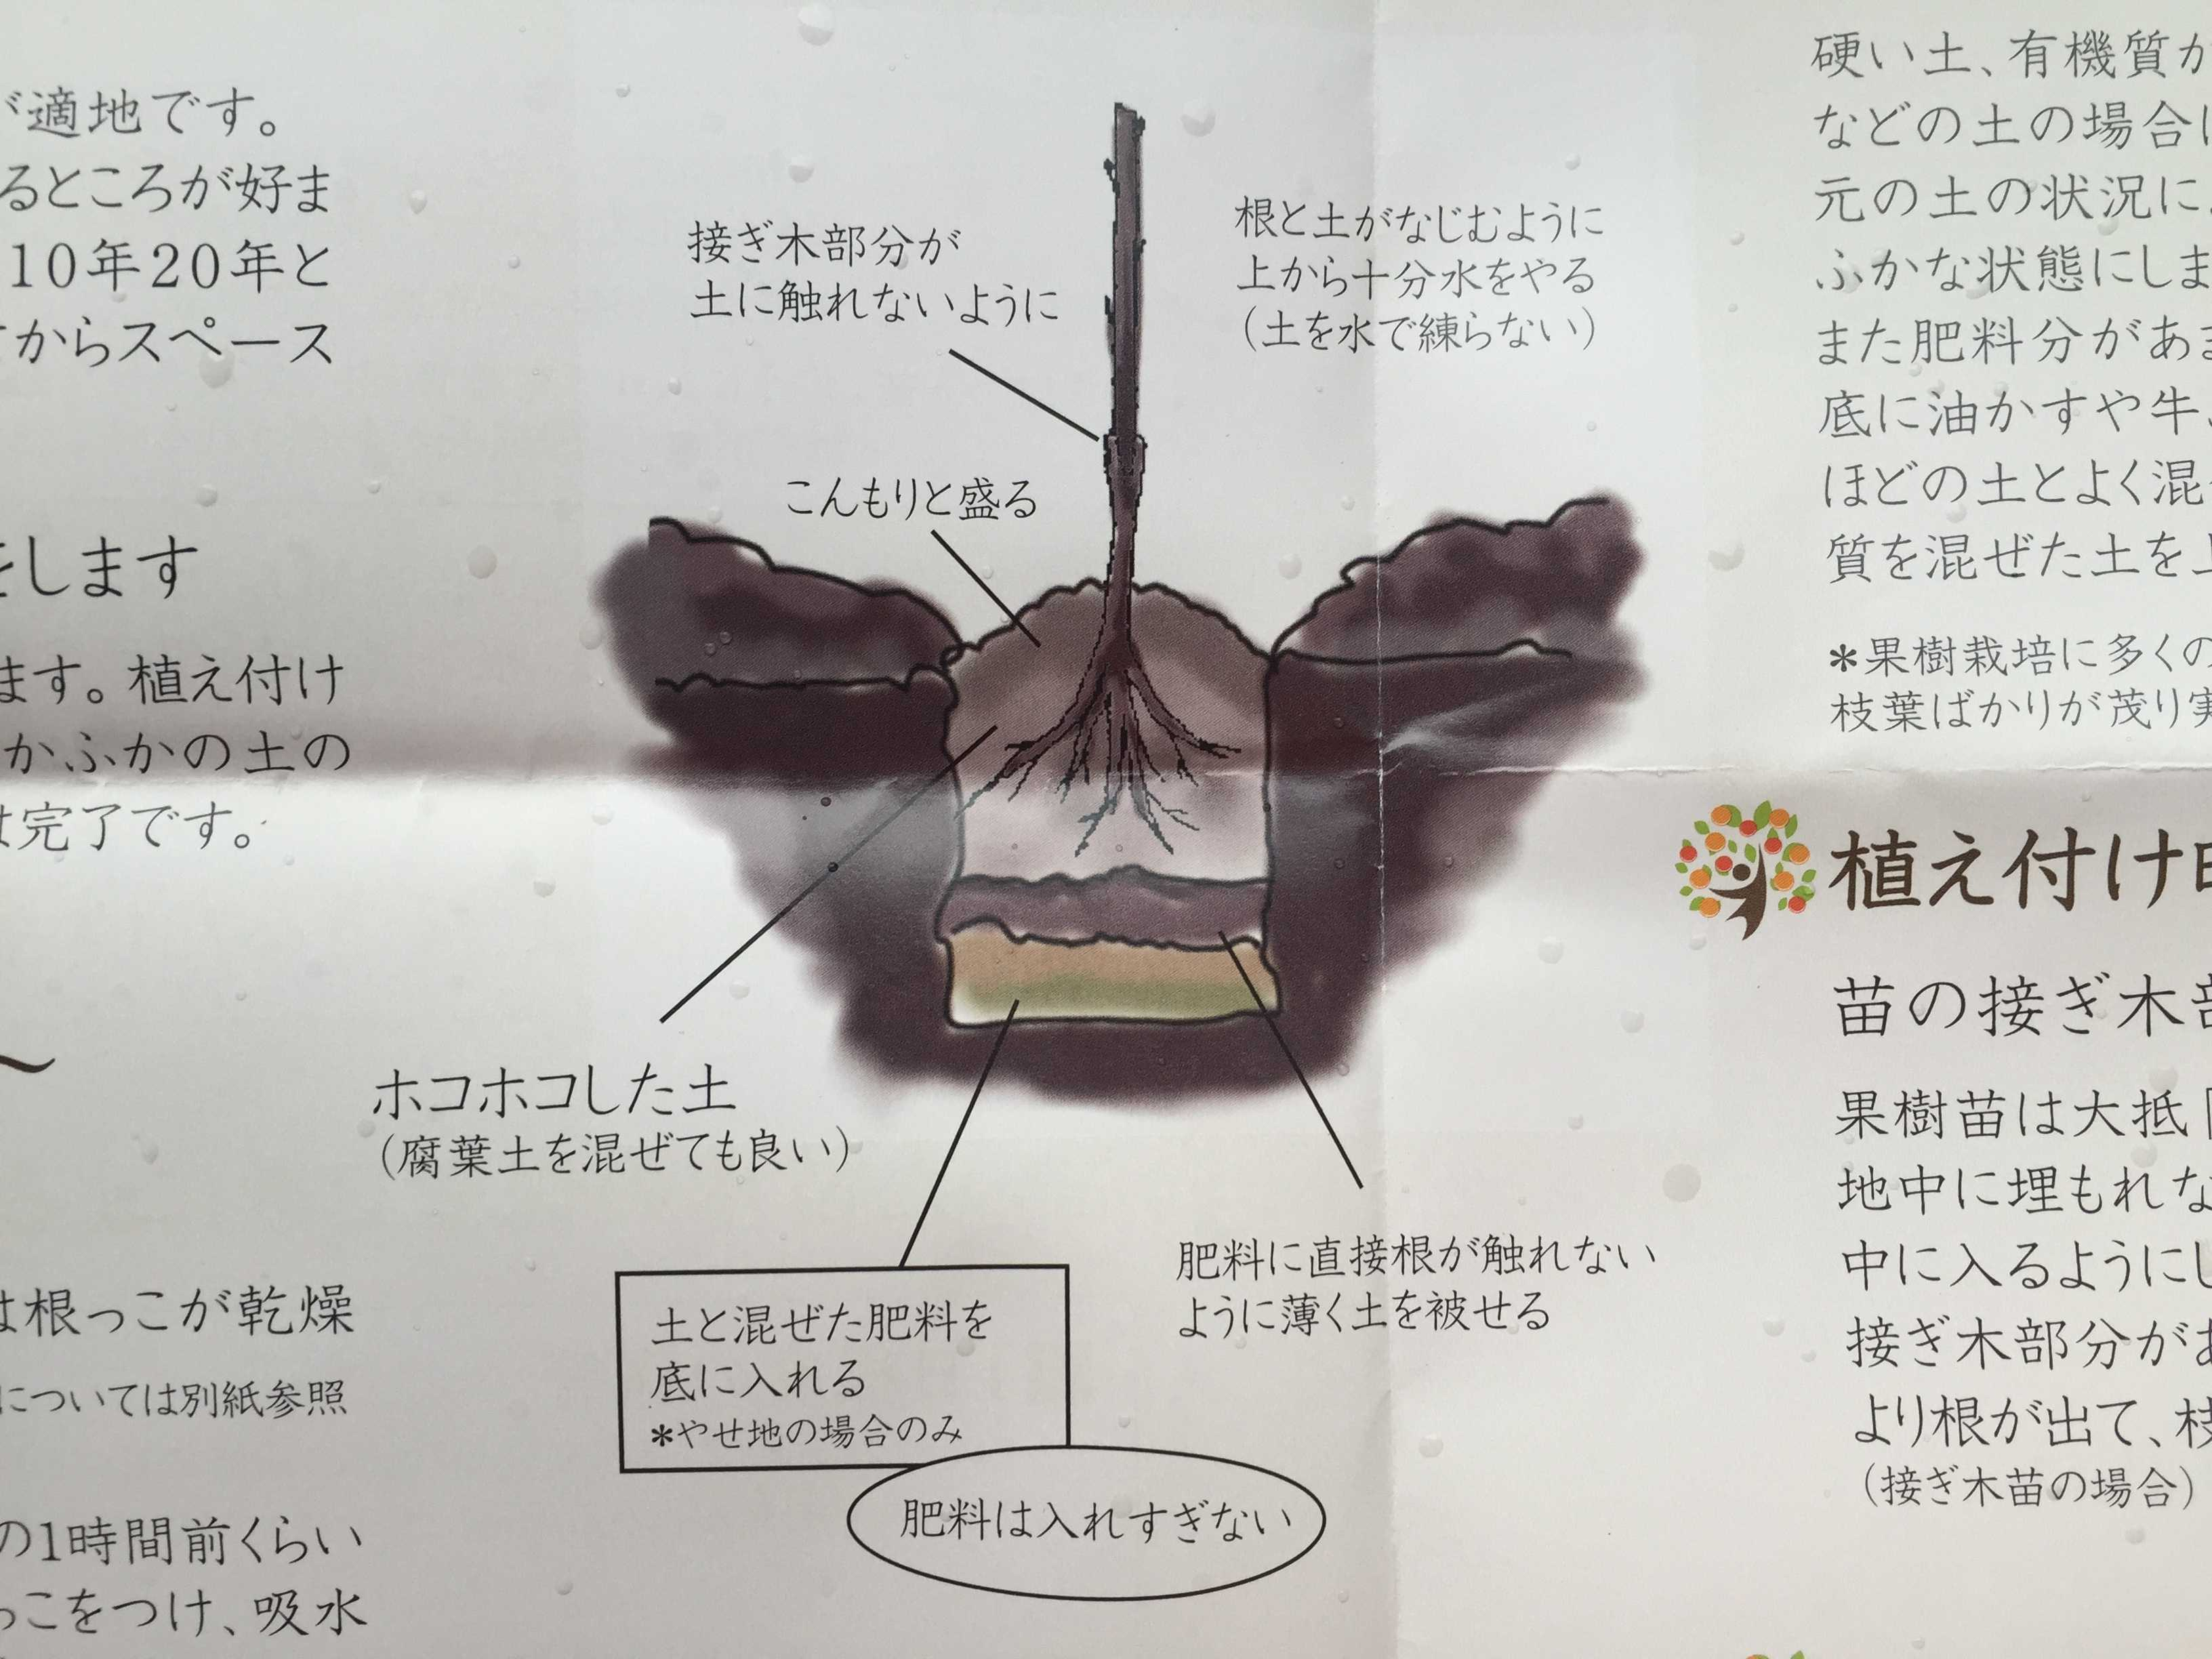 禅寺丸柿の植え付け方法